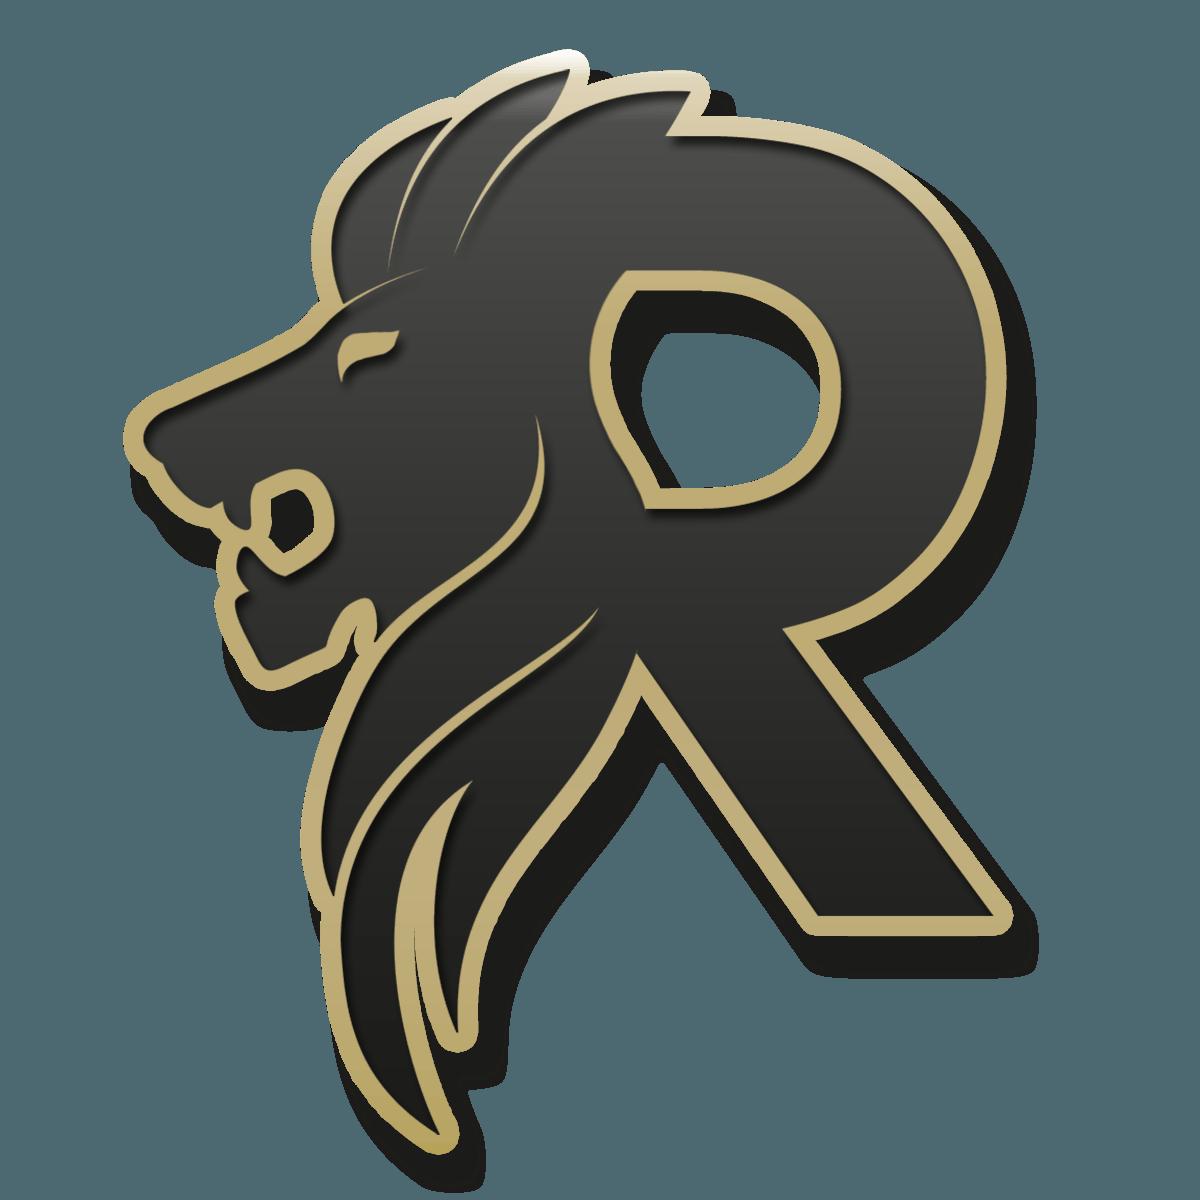 R Logo Wallpapers 3d Wallpaper Cave